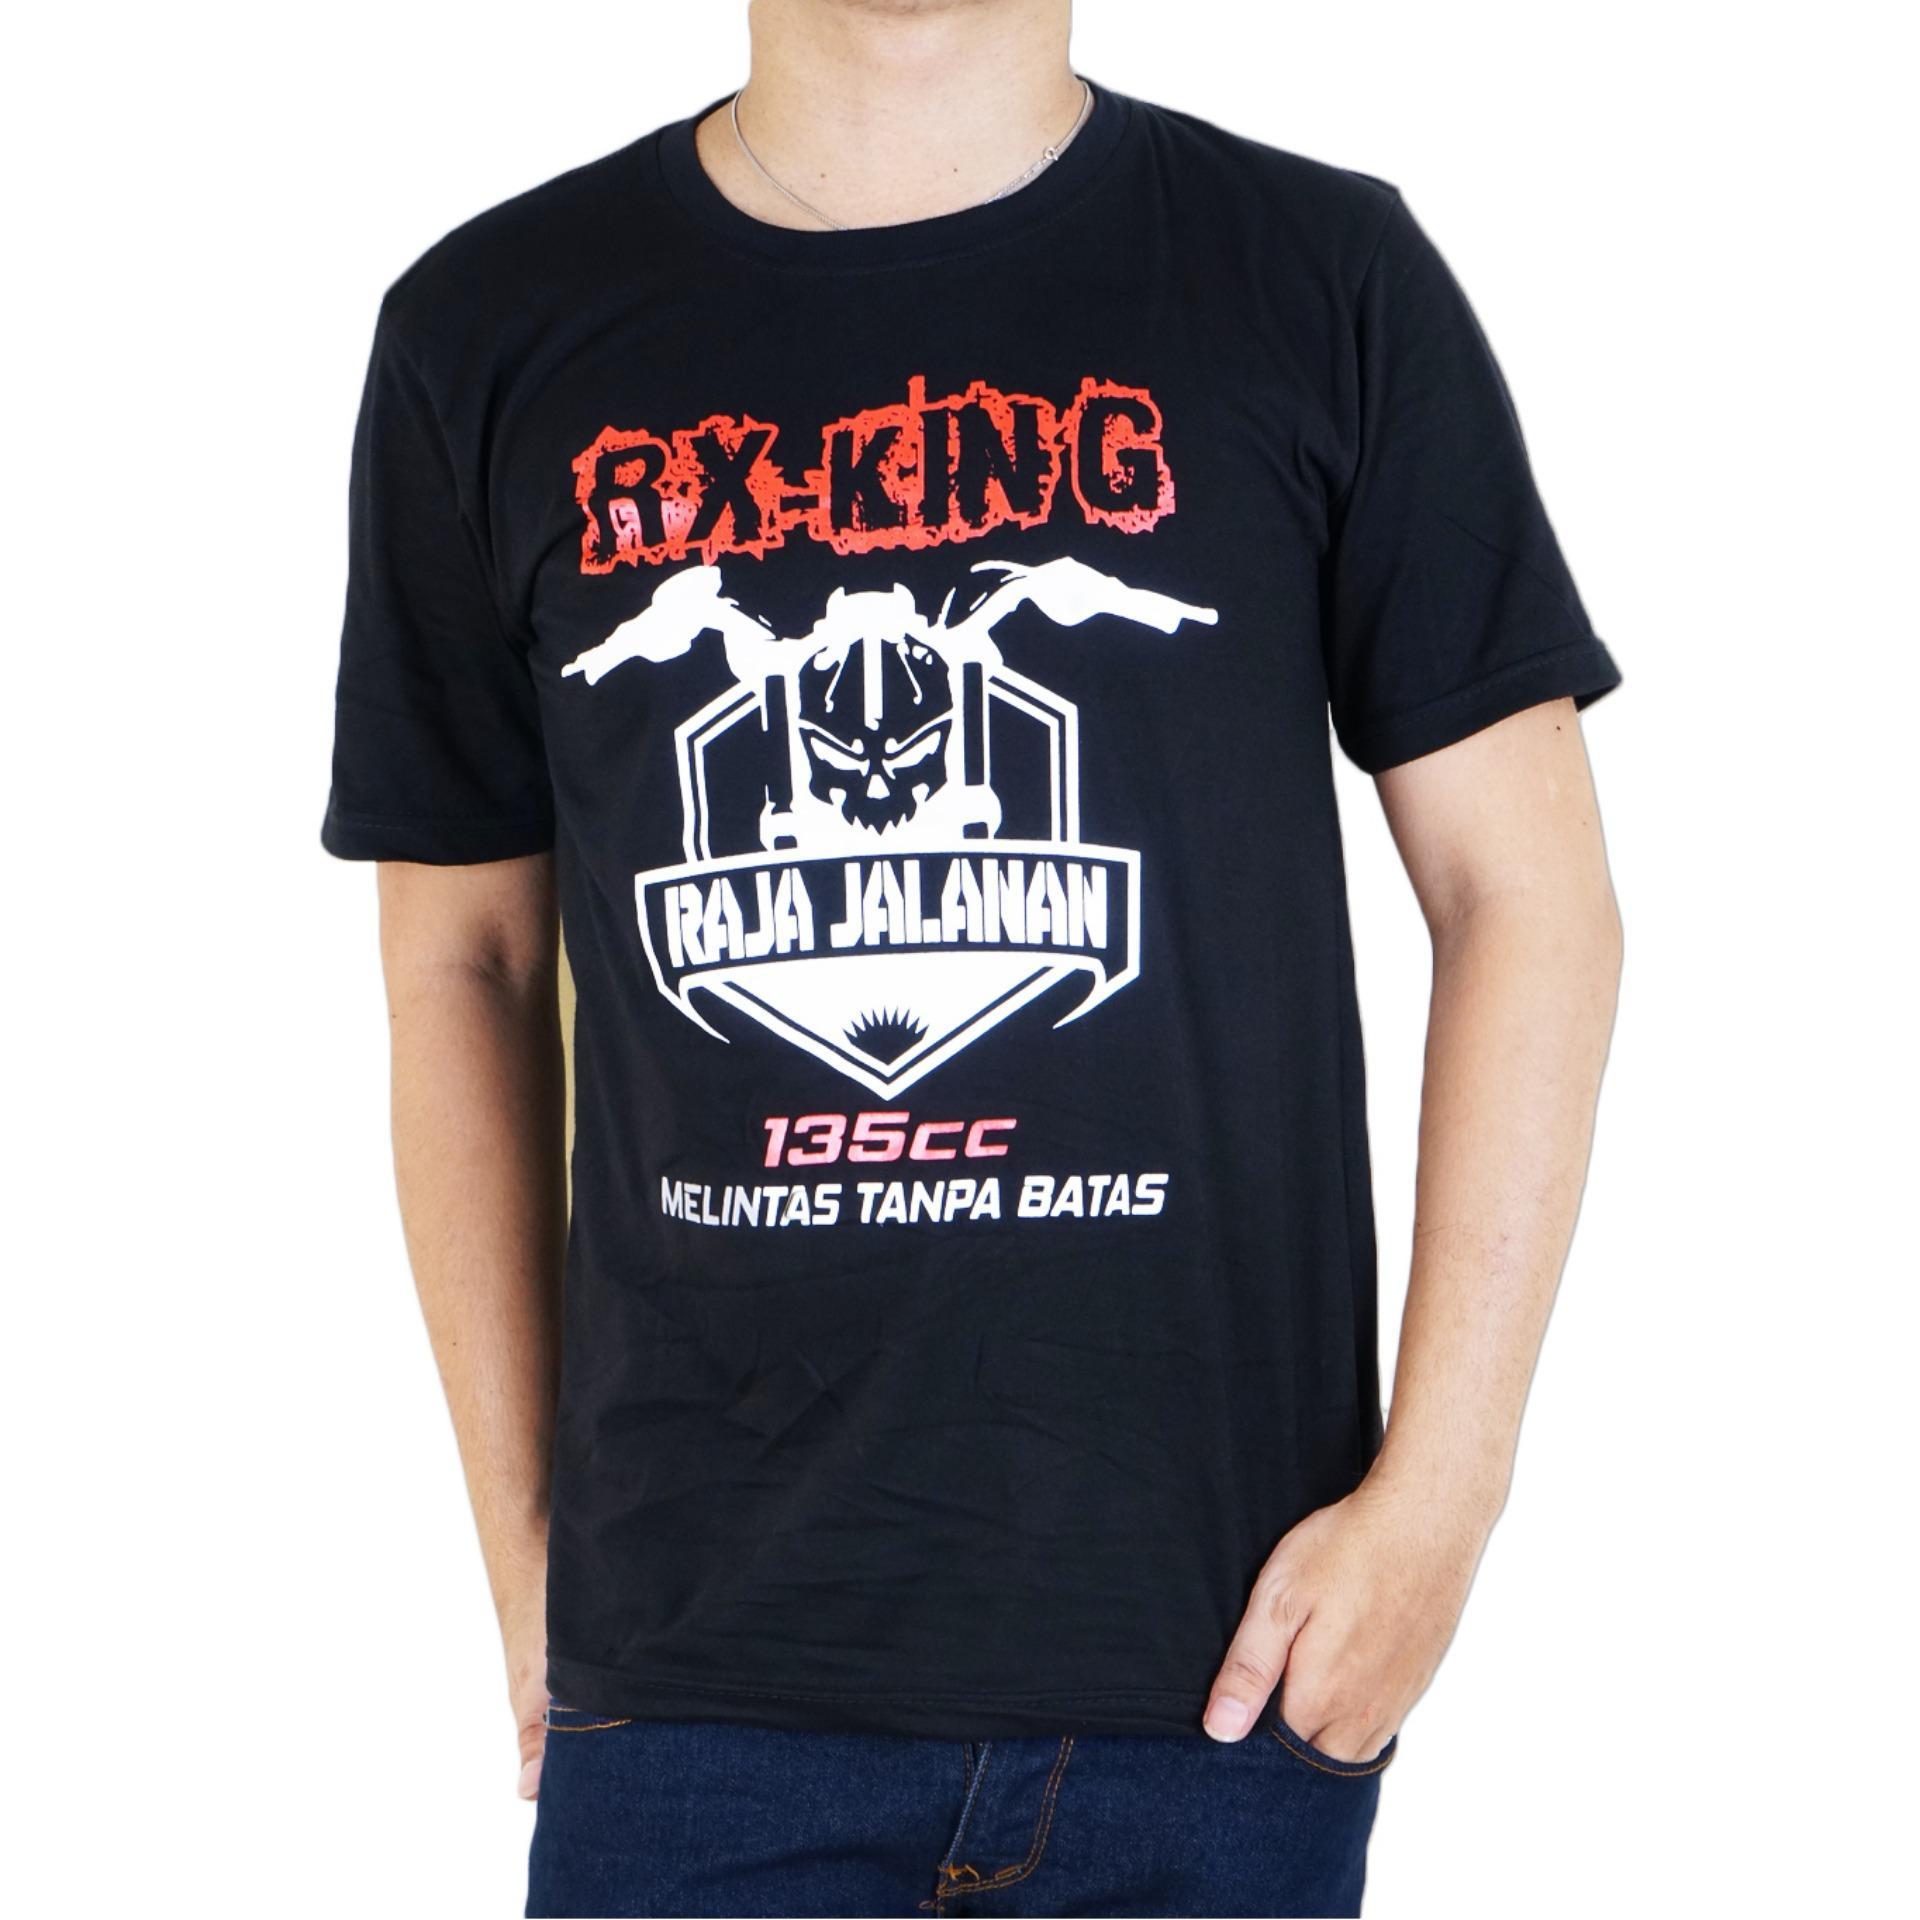 Vanwin - Vanwin - Kaos T-Shirt Distro / kaos Pria / Tshirt Pria /